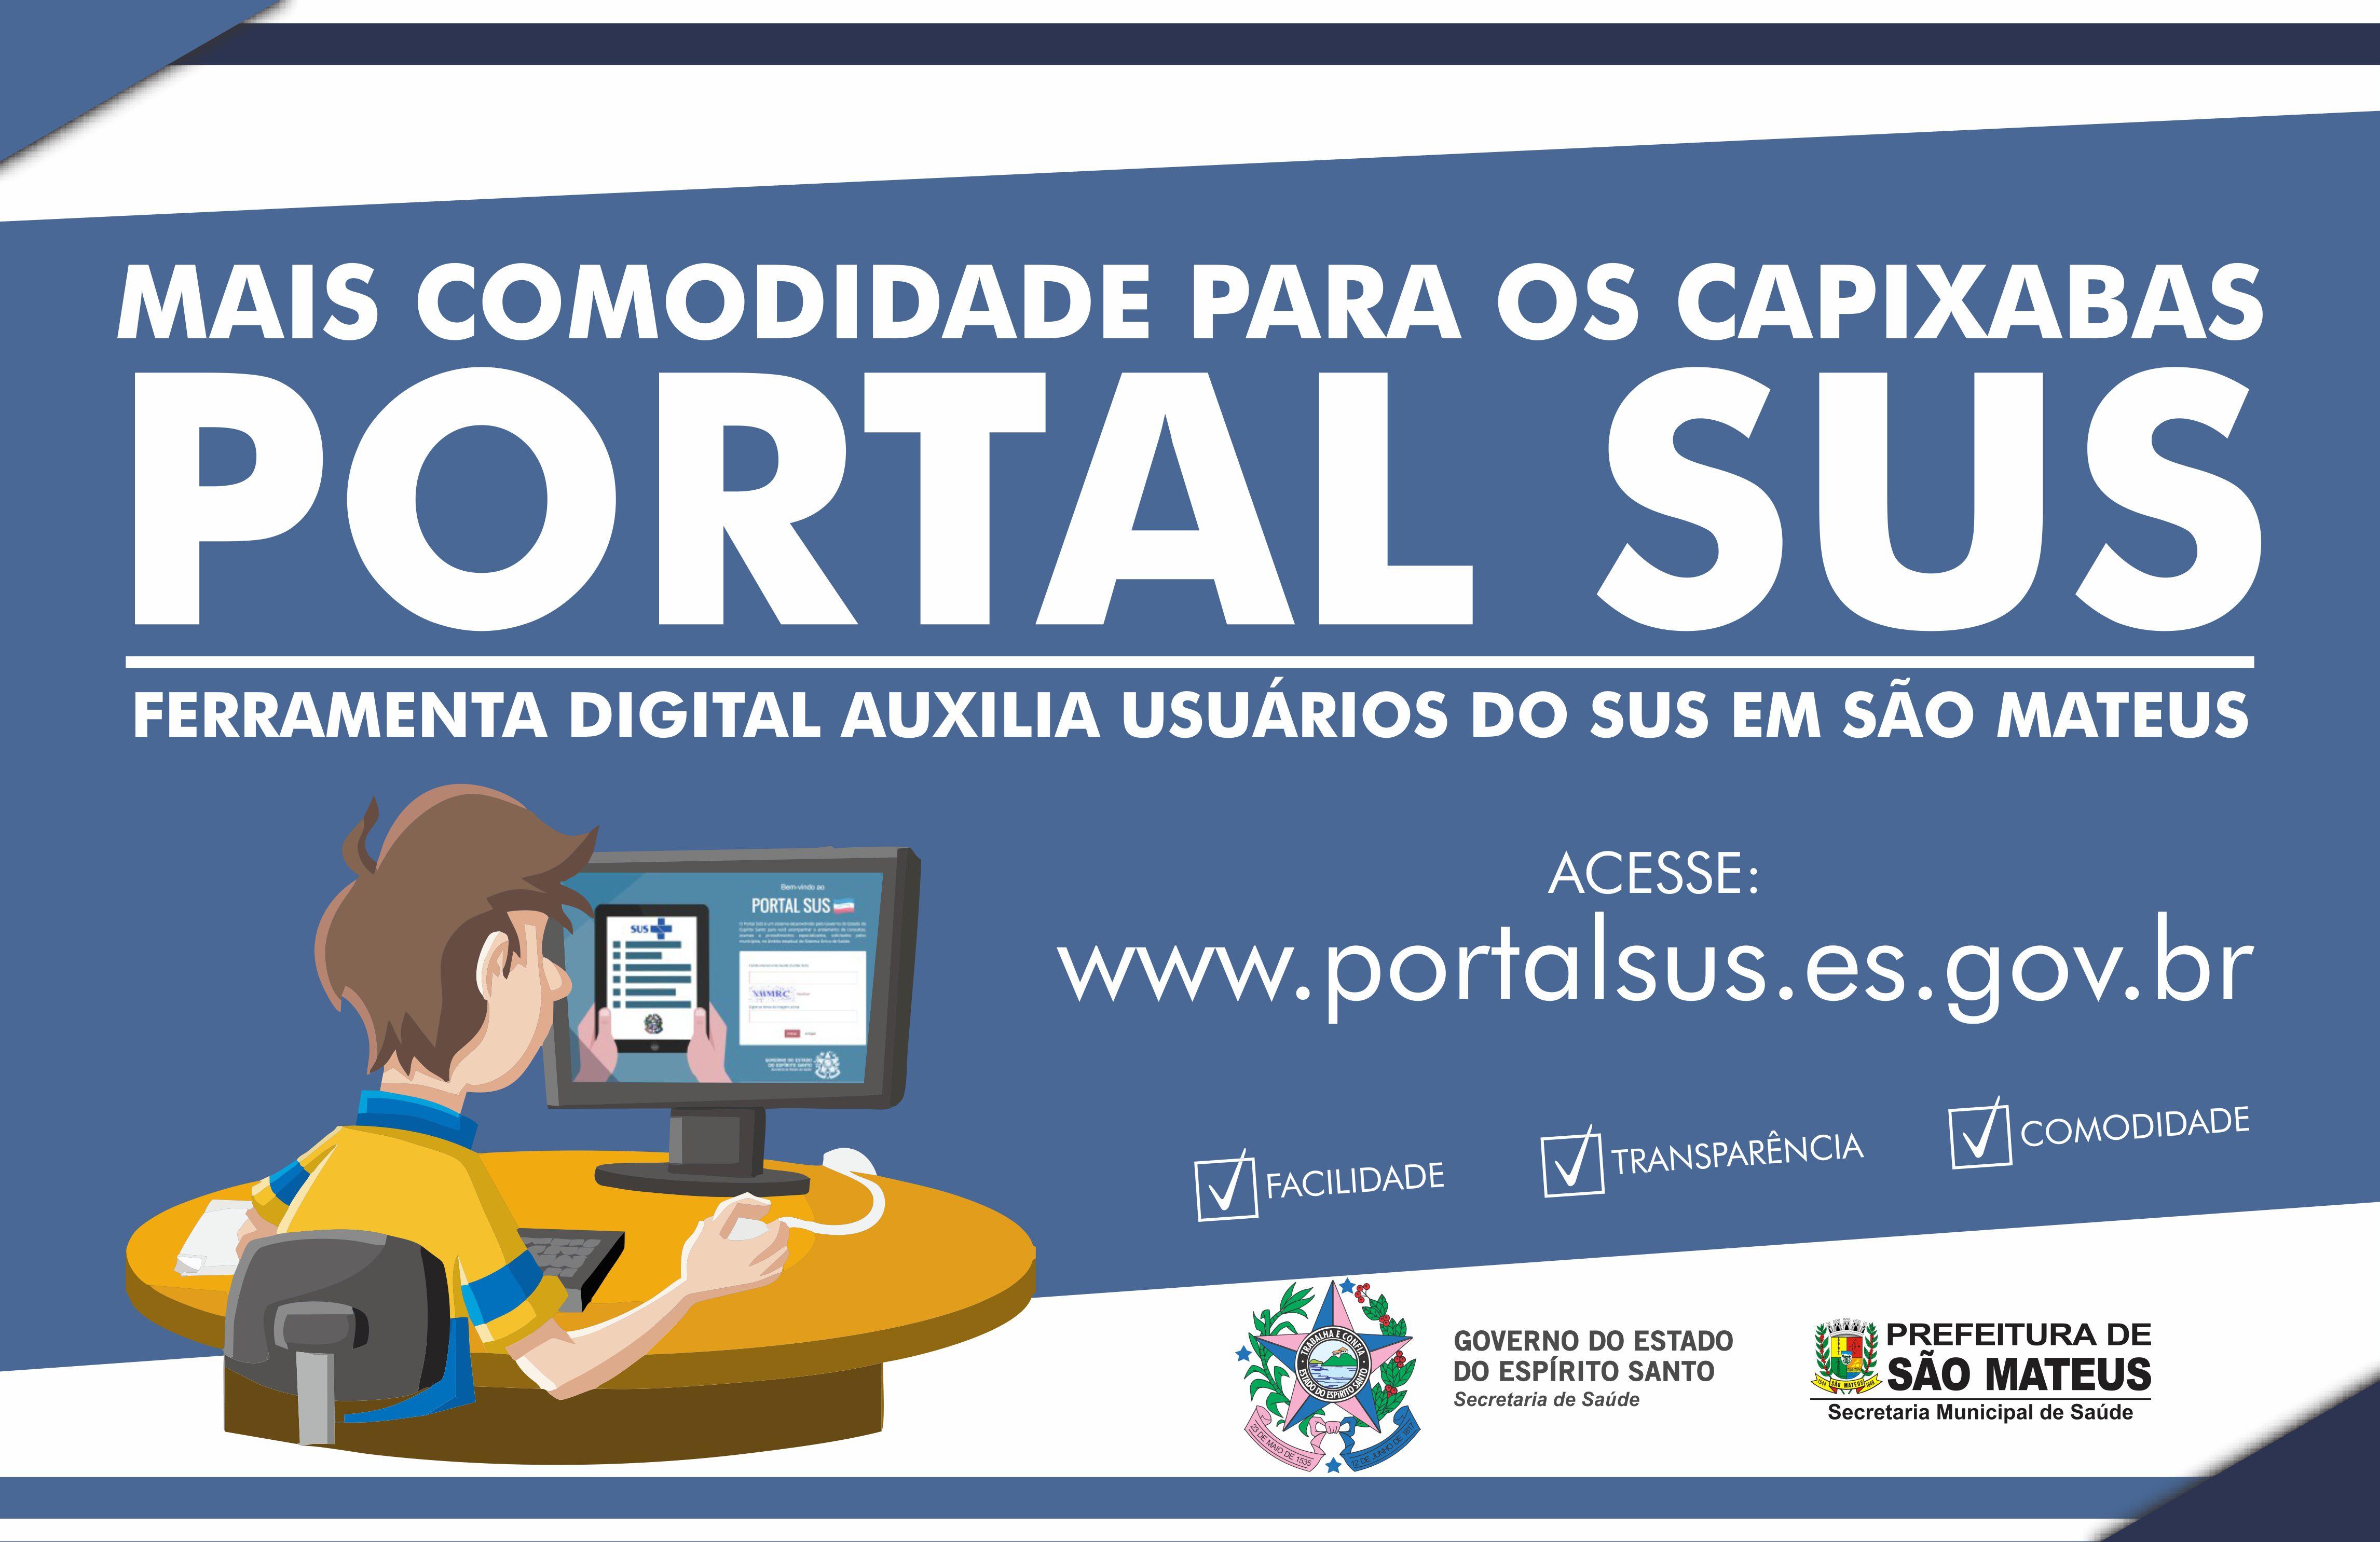 Ferramenta digital auxilia usuários do SUS em São Mateus